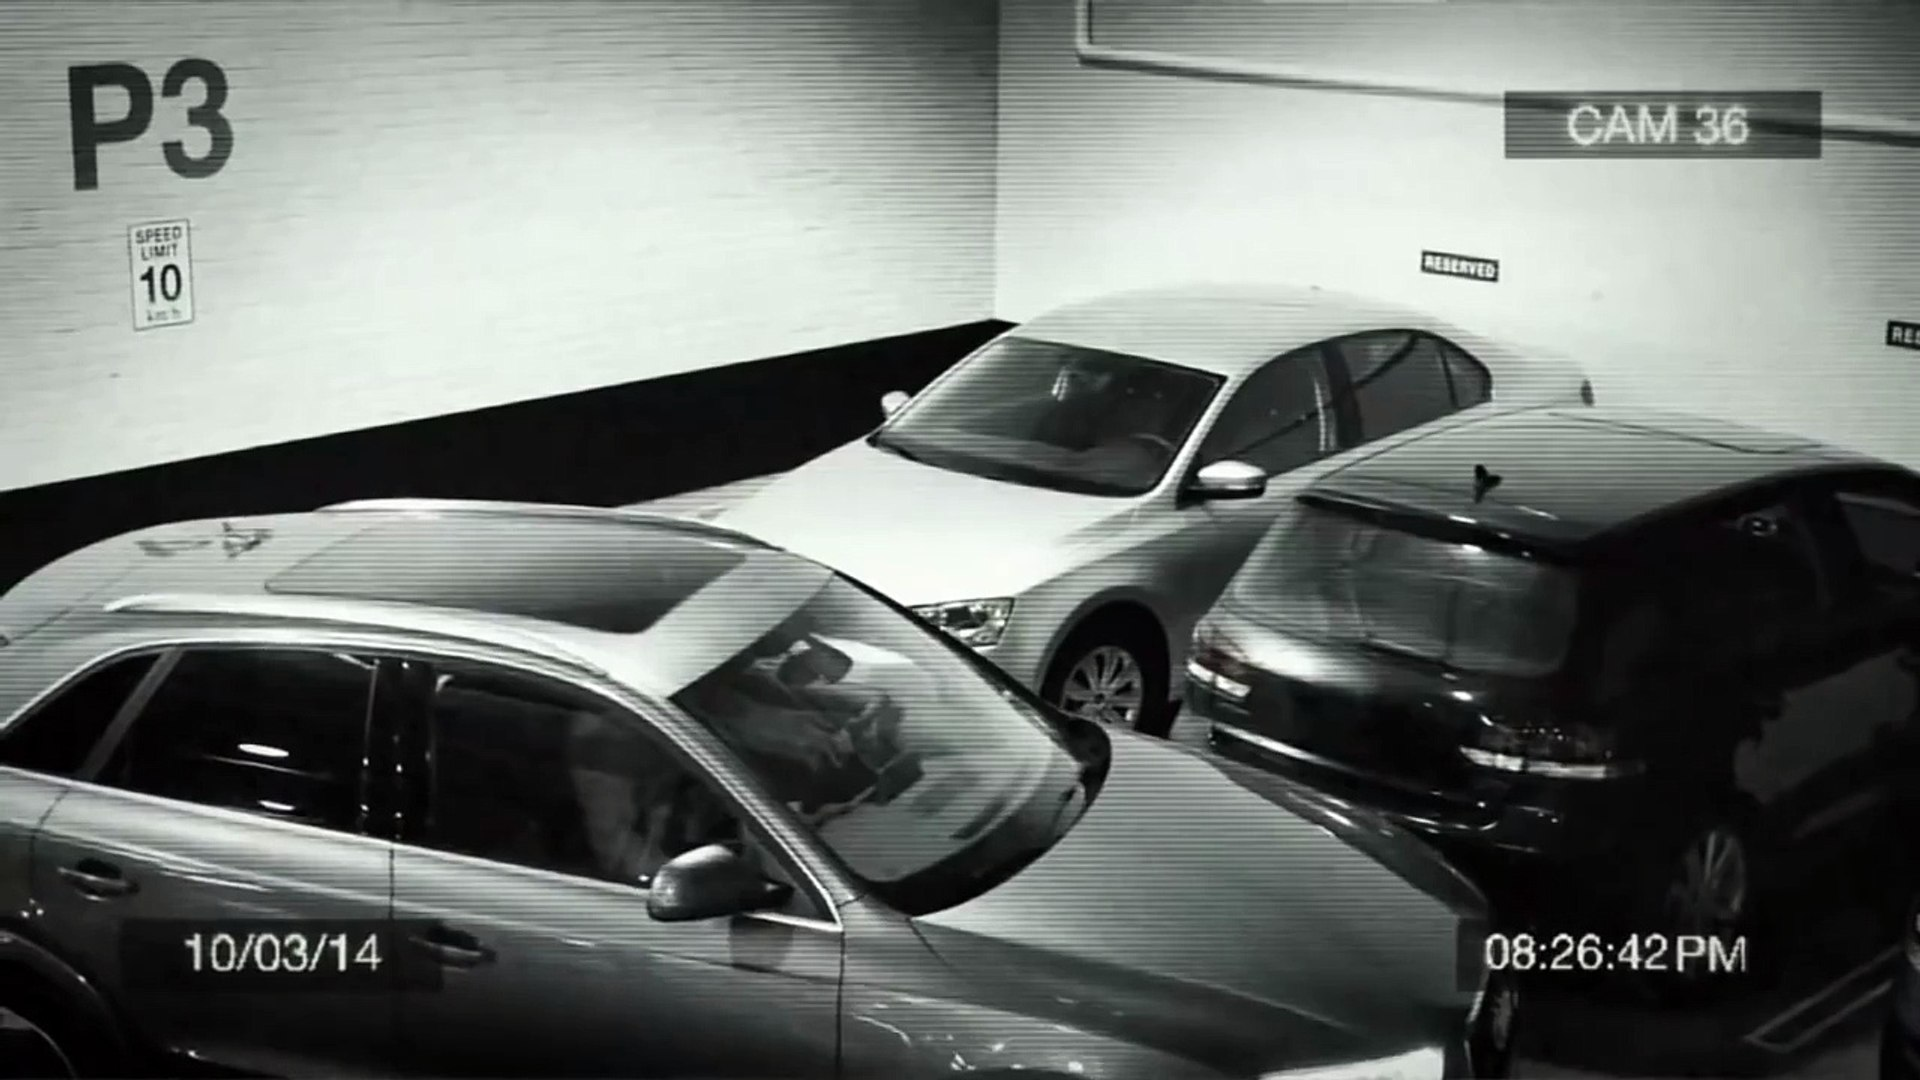 Да это просто король парковки! Вот что нужно делать, когда нет свободного места…